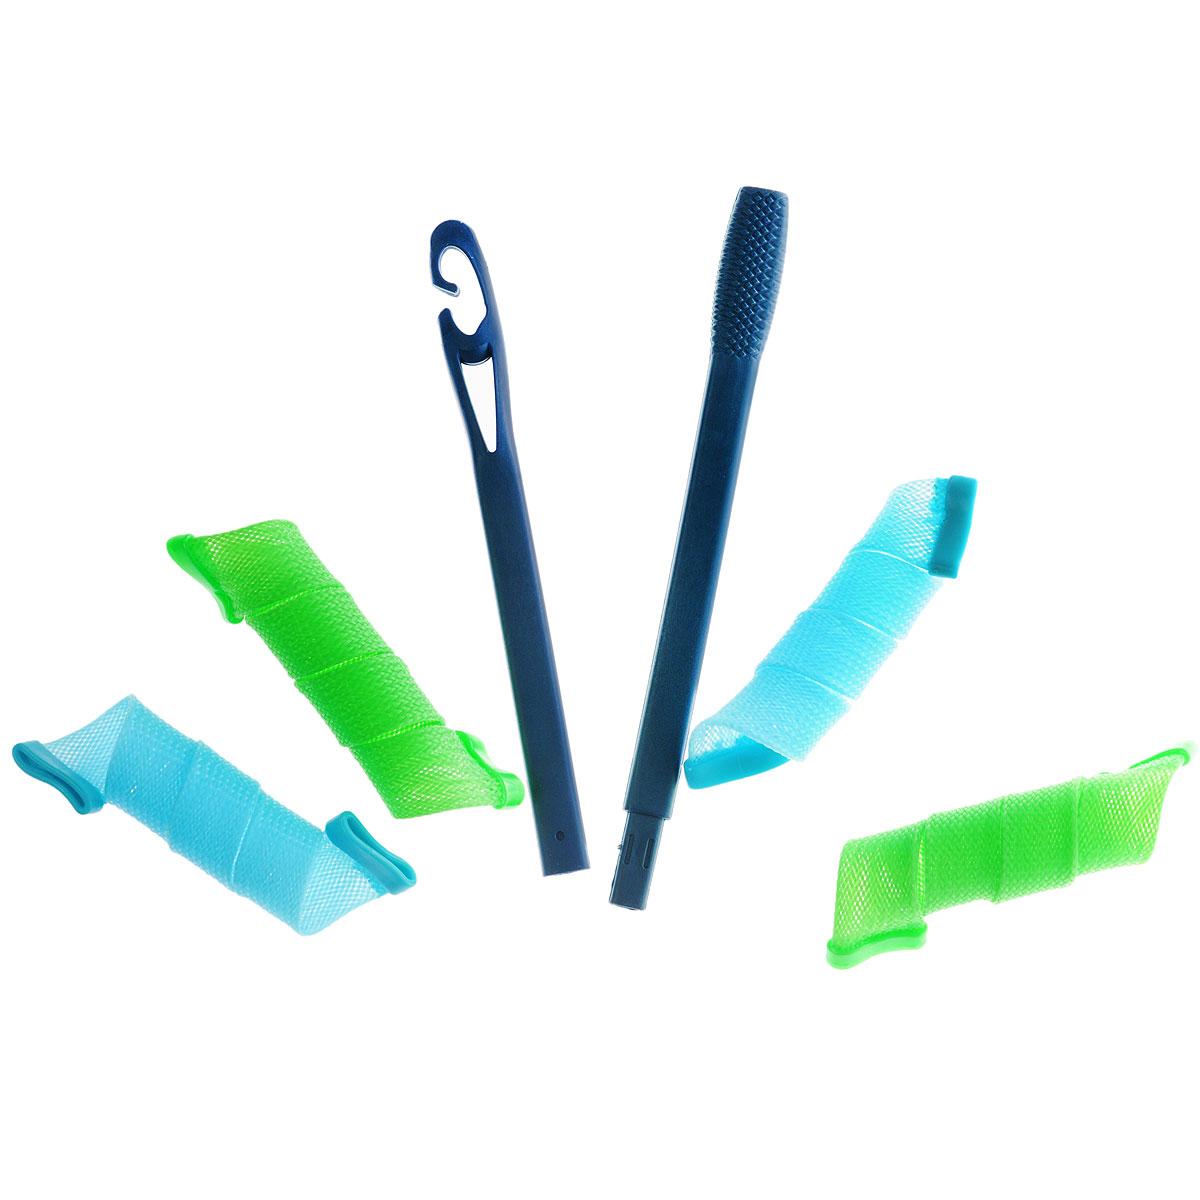 Бигуди широкие 30 см, цвет: голубой, зеленый. Ш30Ш30_голубой, зеленыйШирокие 30 см. Количество: 18 шт.